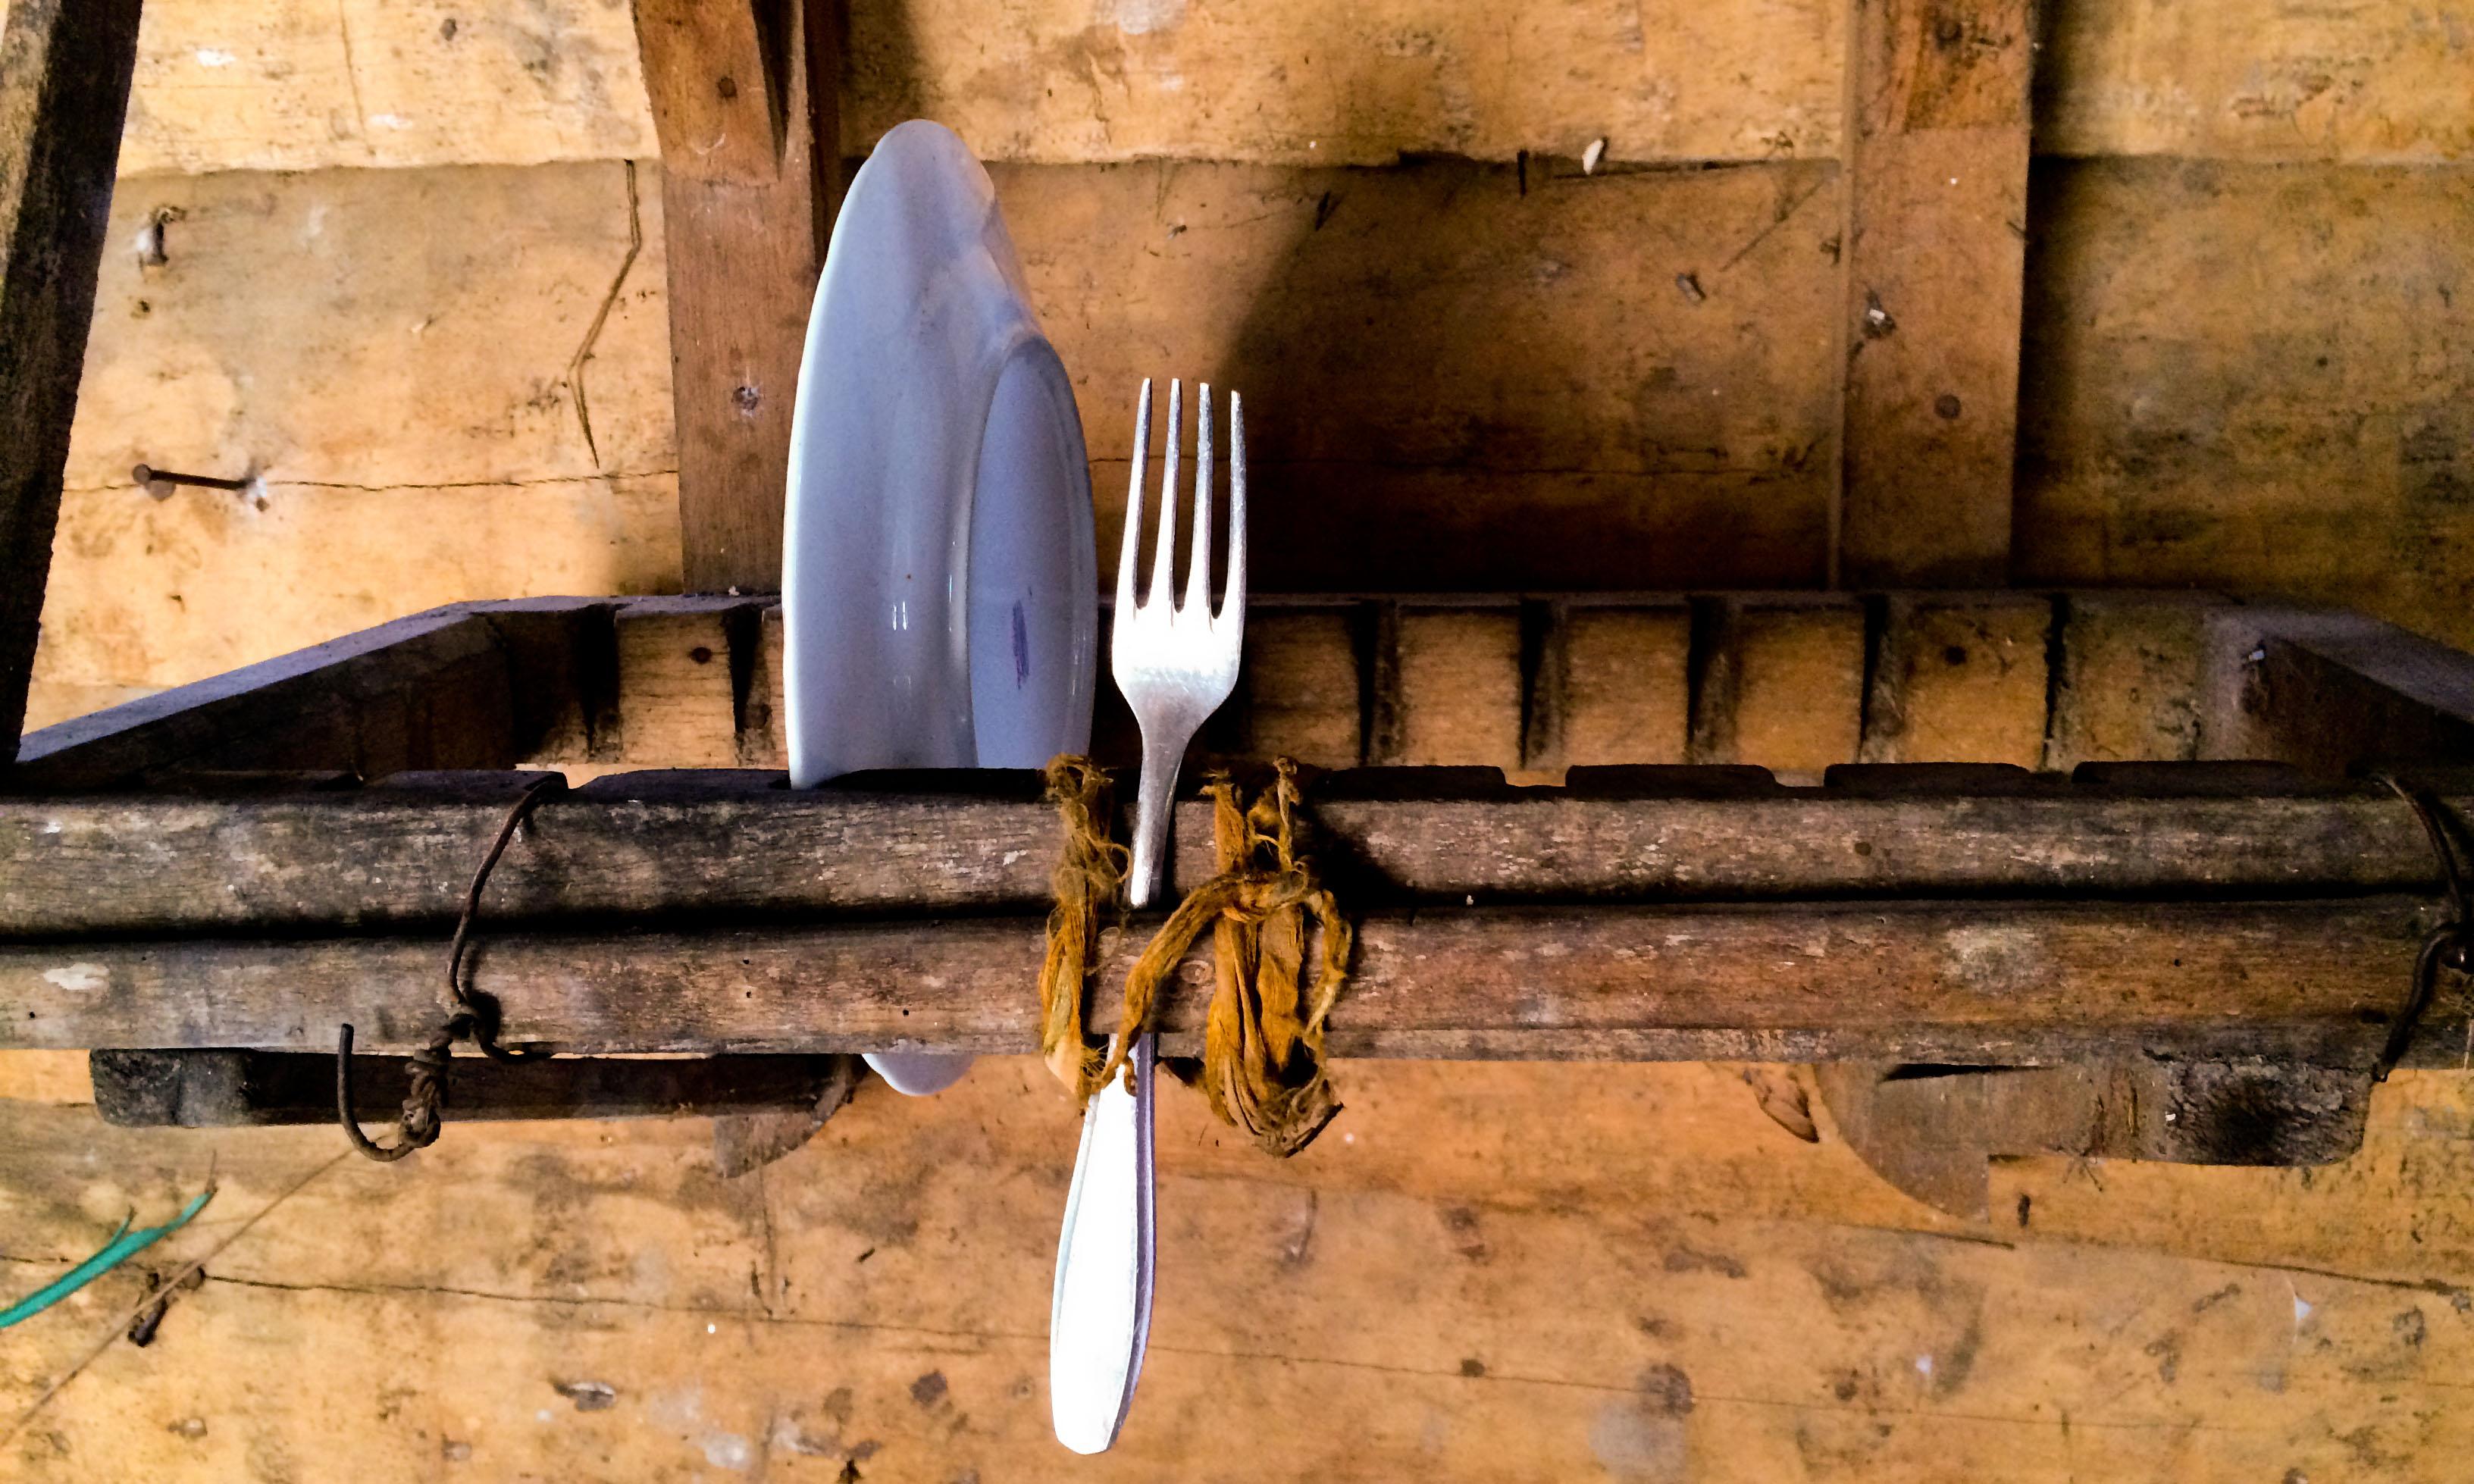 En el escurridero: un plato, un tenedor (Foto: Elaine Díaz)